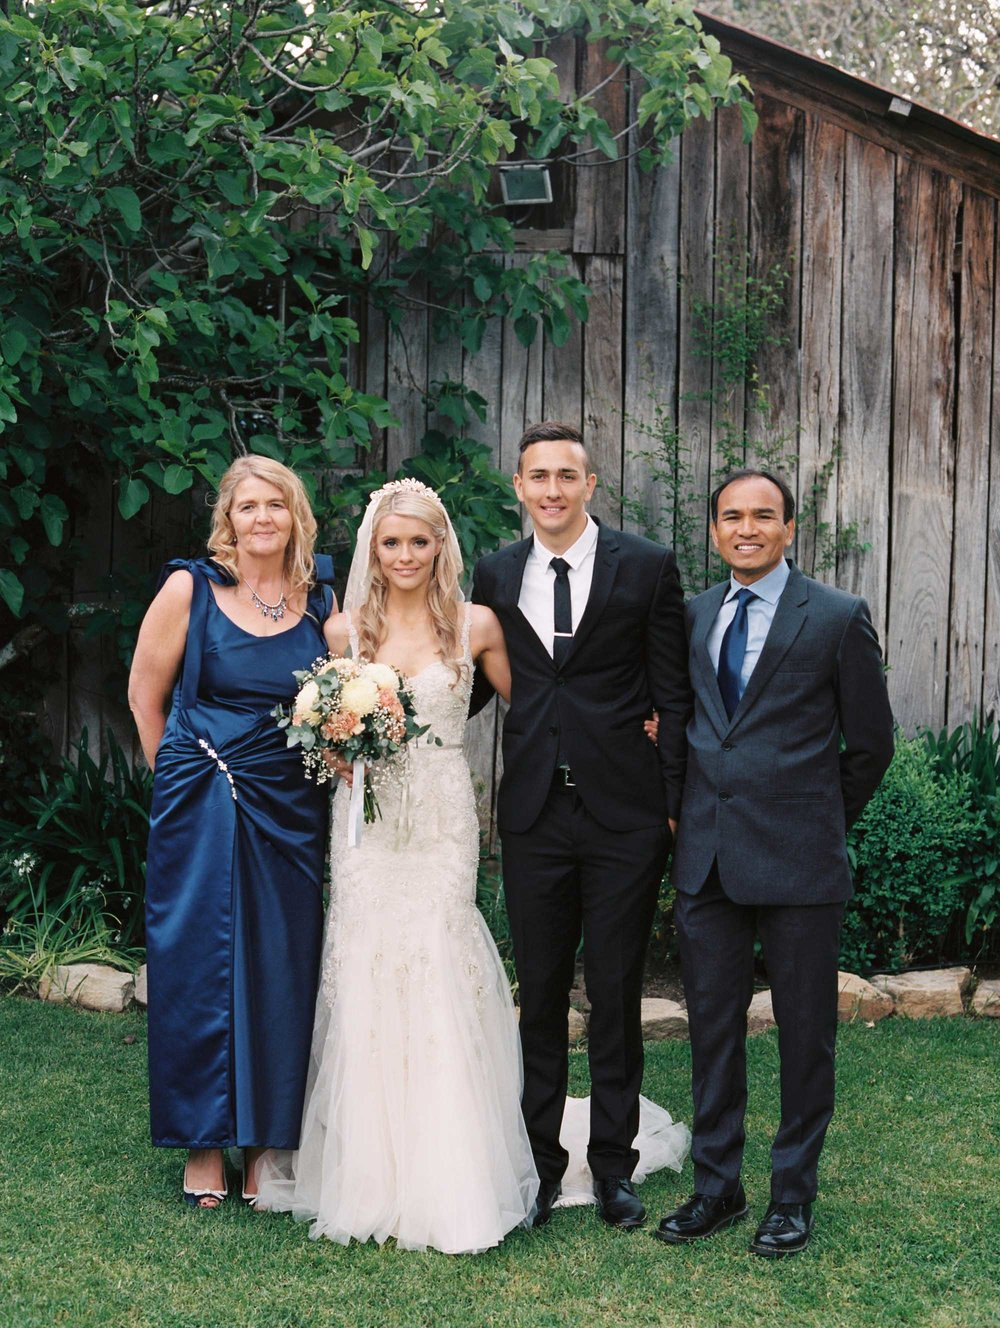 Whitehouse-hahndorf-wedding-photography-059.jpg